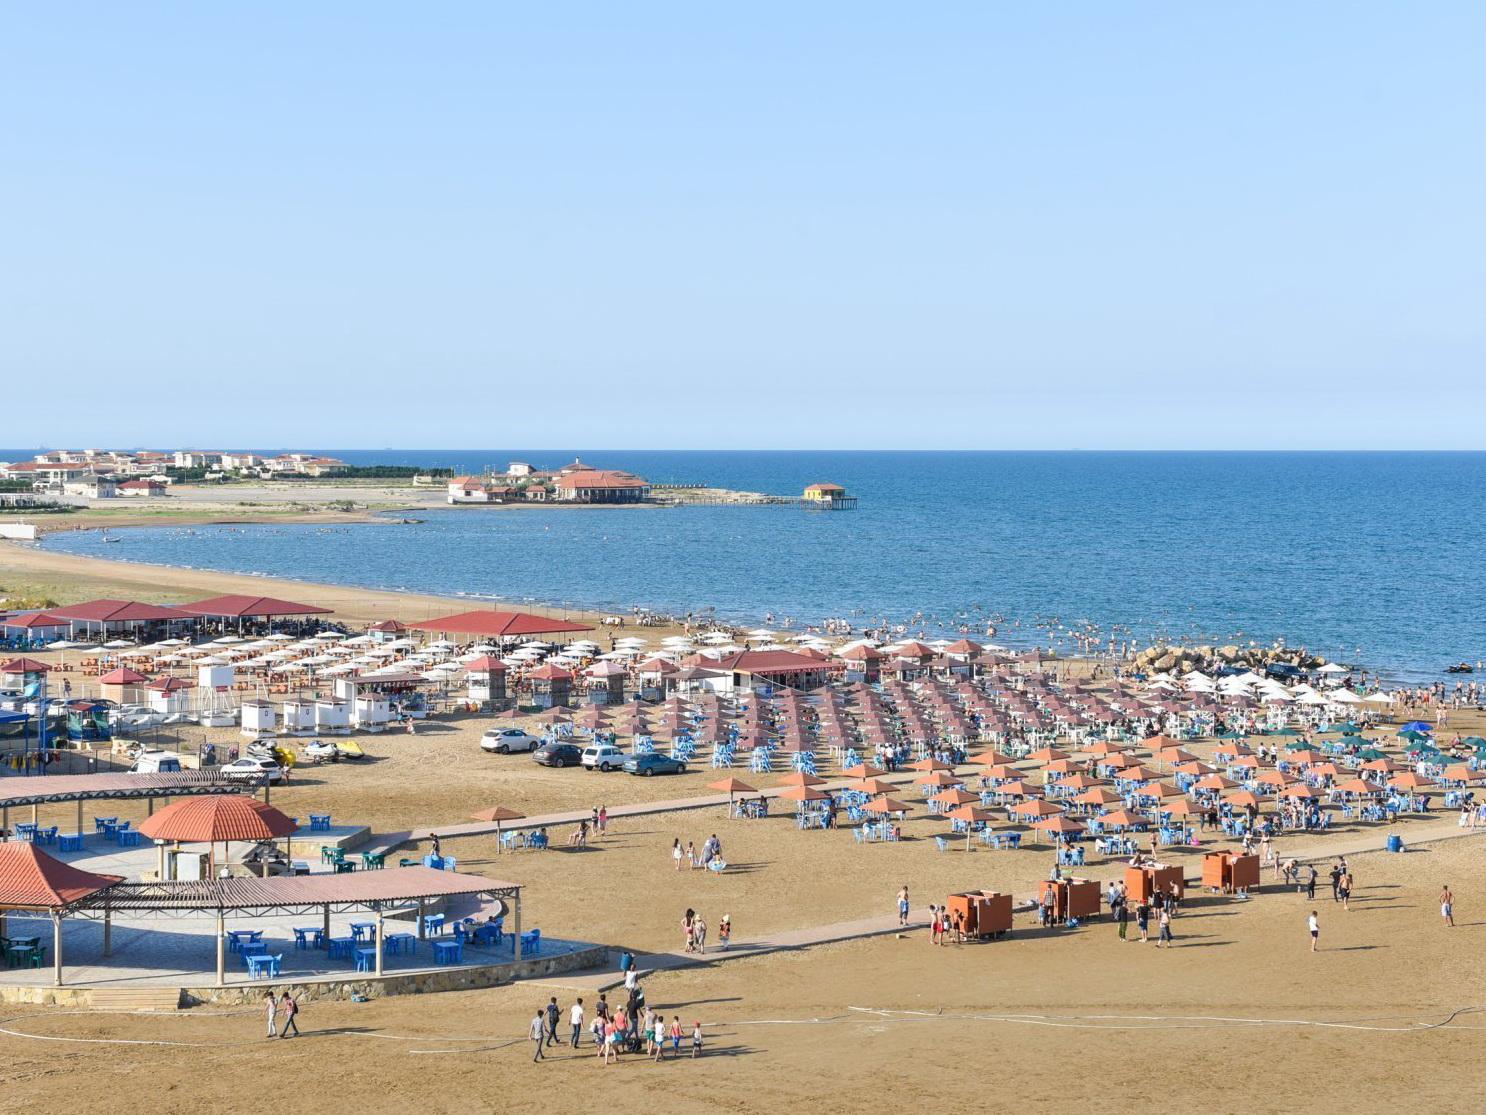 Госагентство: Все пляжи Азербайджана должны быть бесплатными